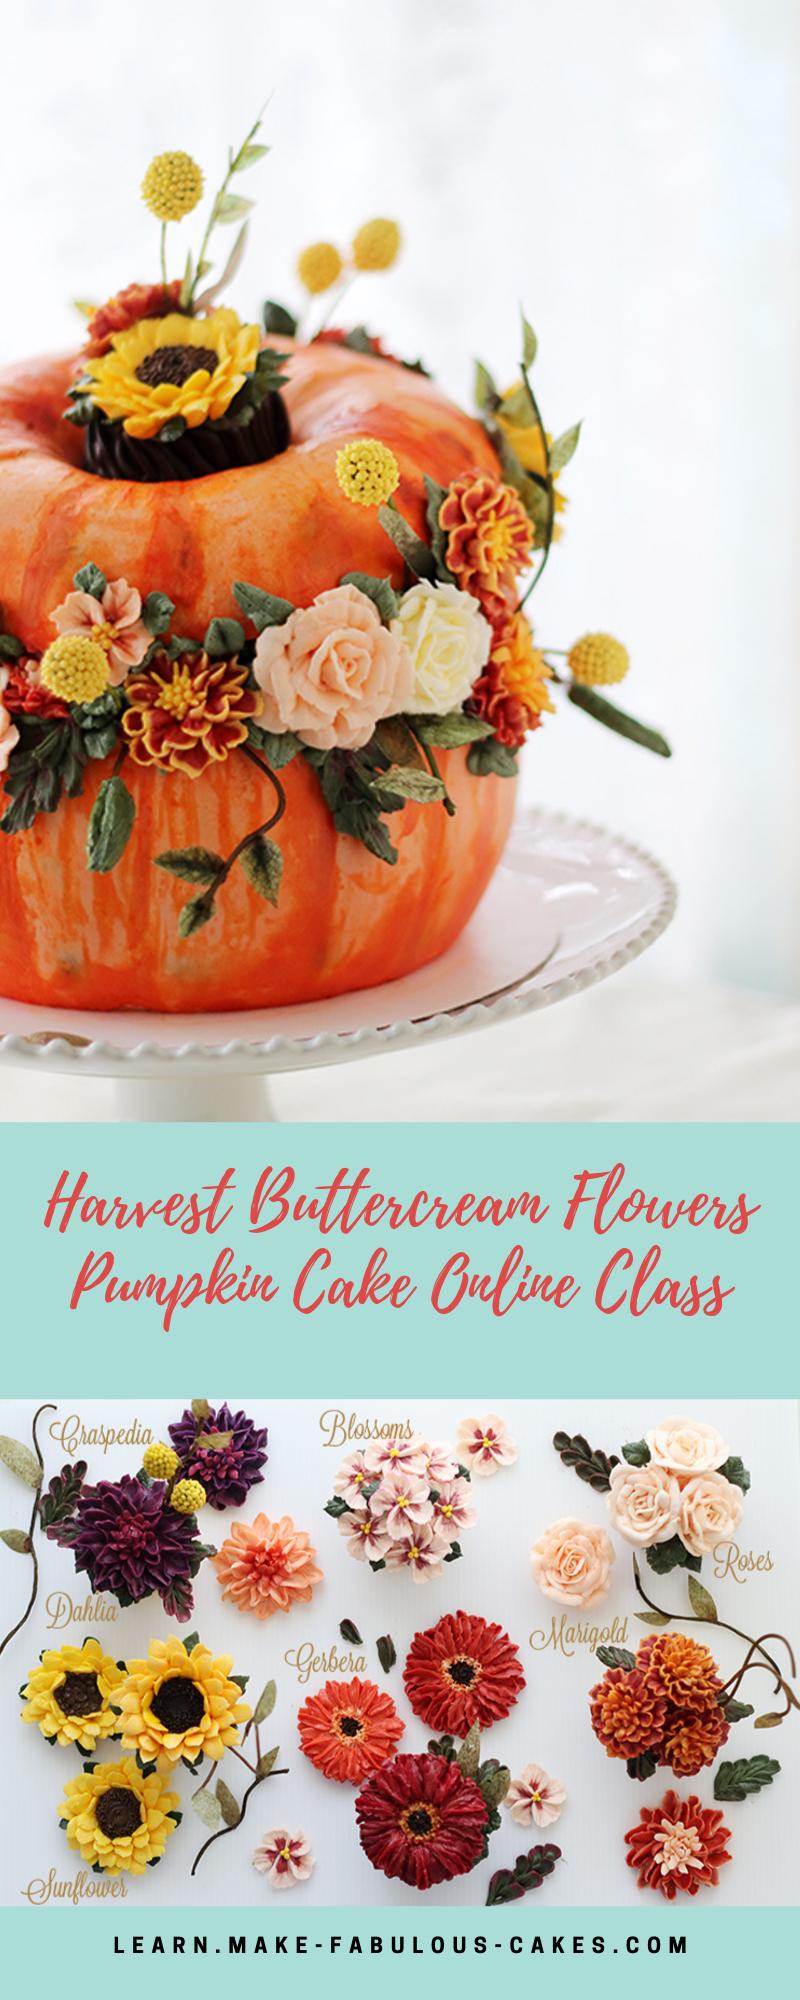 Harvest Buttercream Flowers Pumpkin Cake Online Class